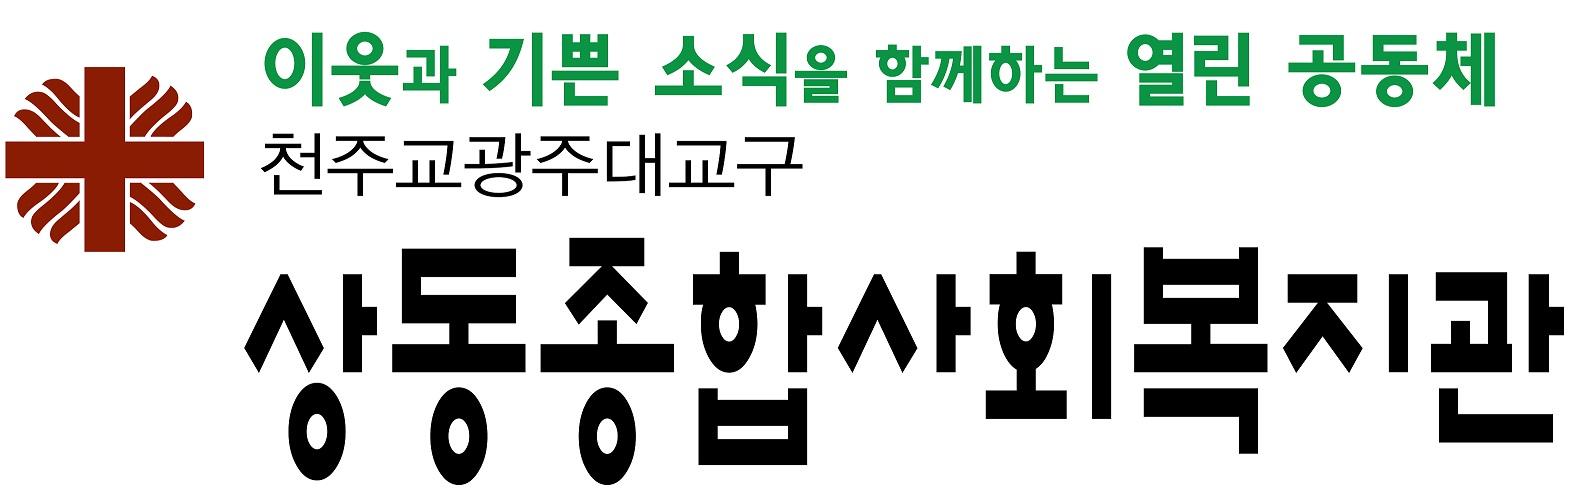 (재)상동종합사회복지관_logo